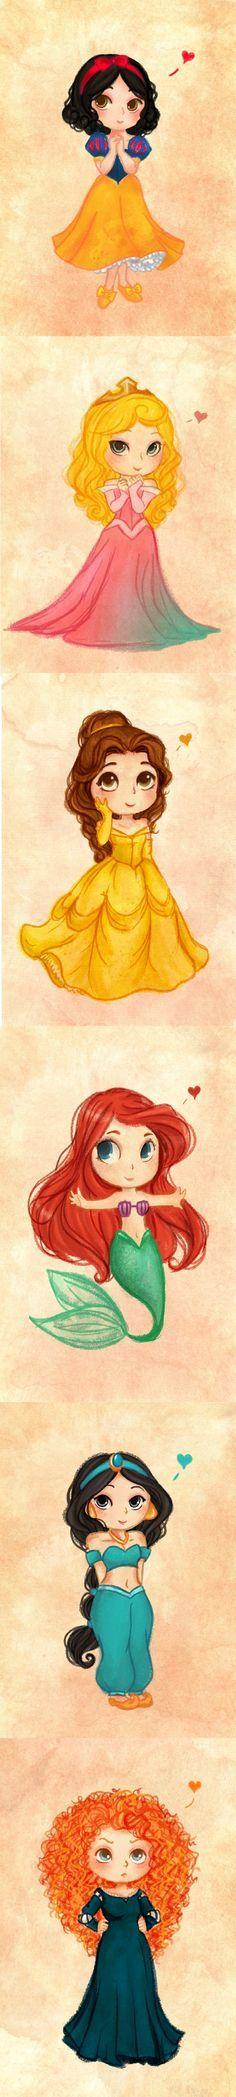 princesas de chiquitas